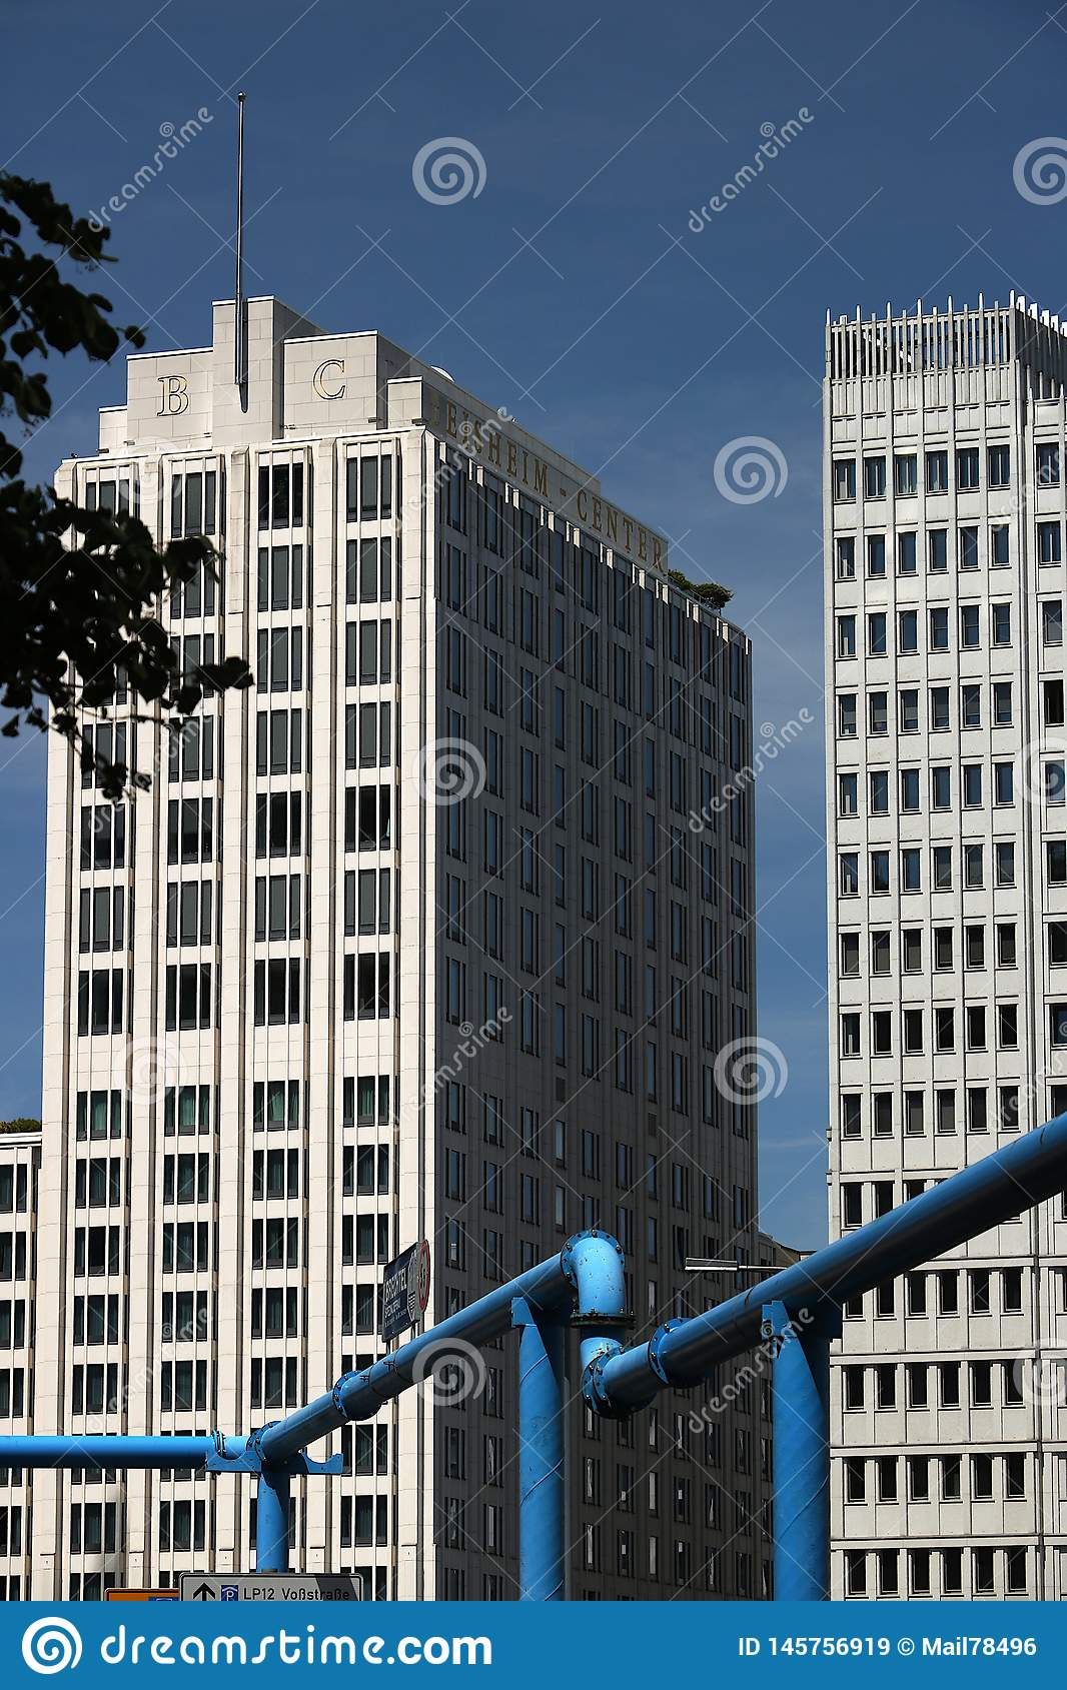 Berlitz 06/14/2018 波茨坦广场的摩天大楼 在前景一个蓝色管子